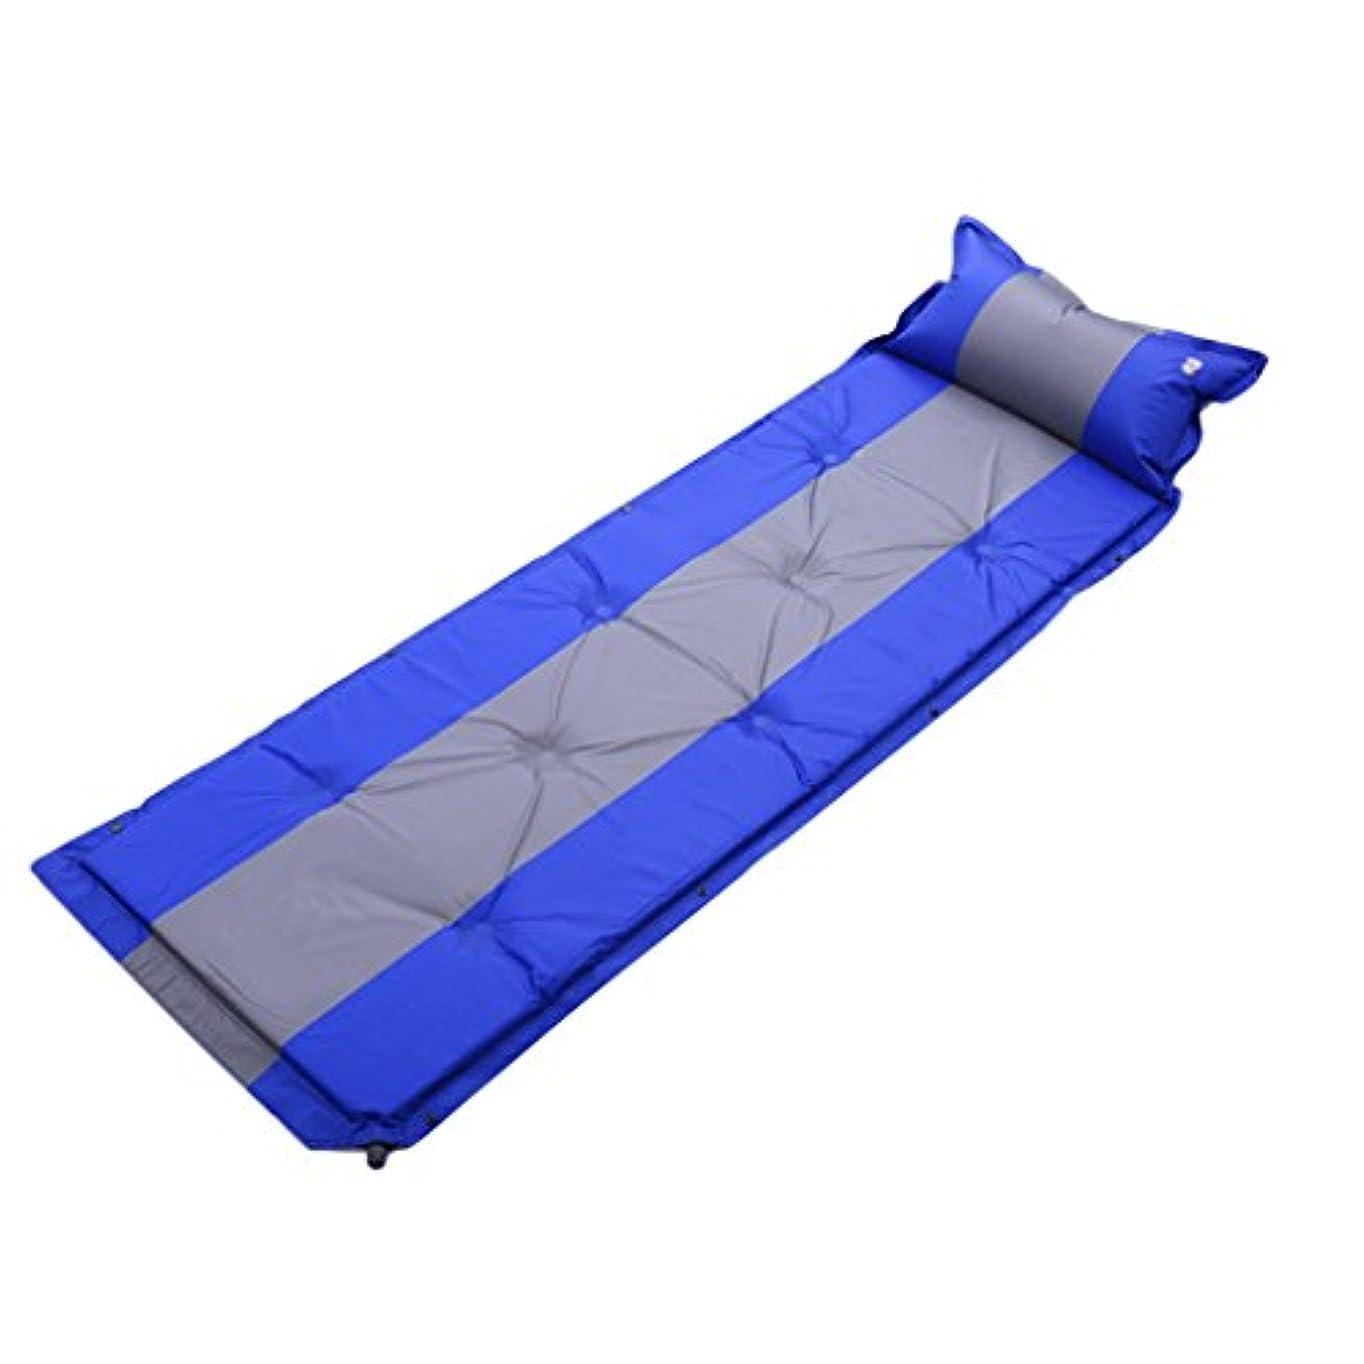 送料数学者送料GYP Suvカーエアベッド、トランクインフレータブルパッドアウトドアトラベルベッドカップル車ショックベッドマットレス192 * 60センチメートル個々のステッチ自動インフレータブルベッド ( 色 : 青 )